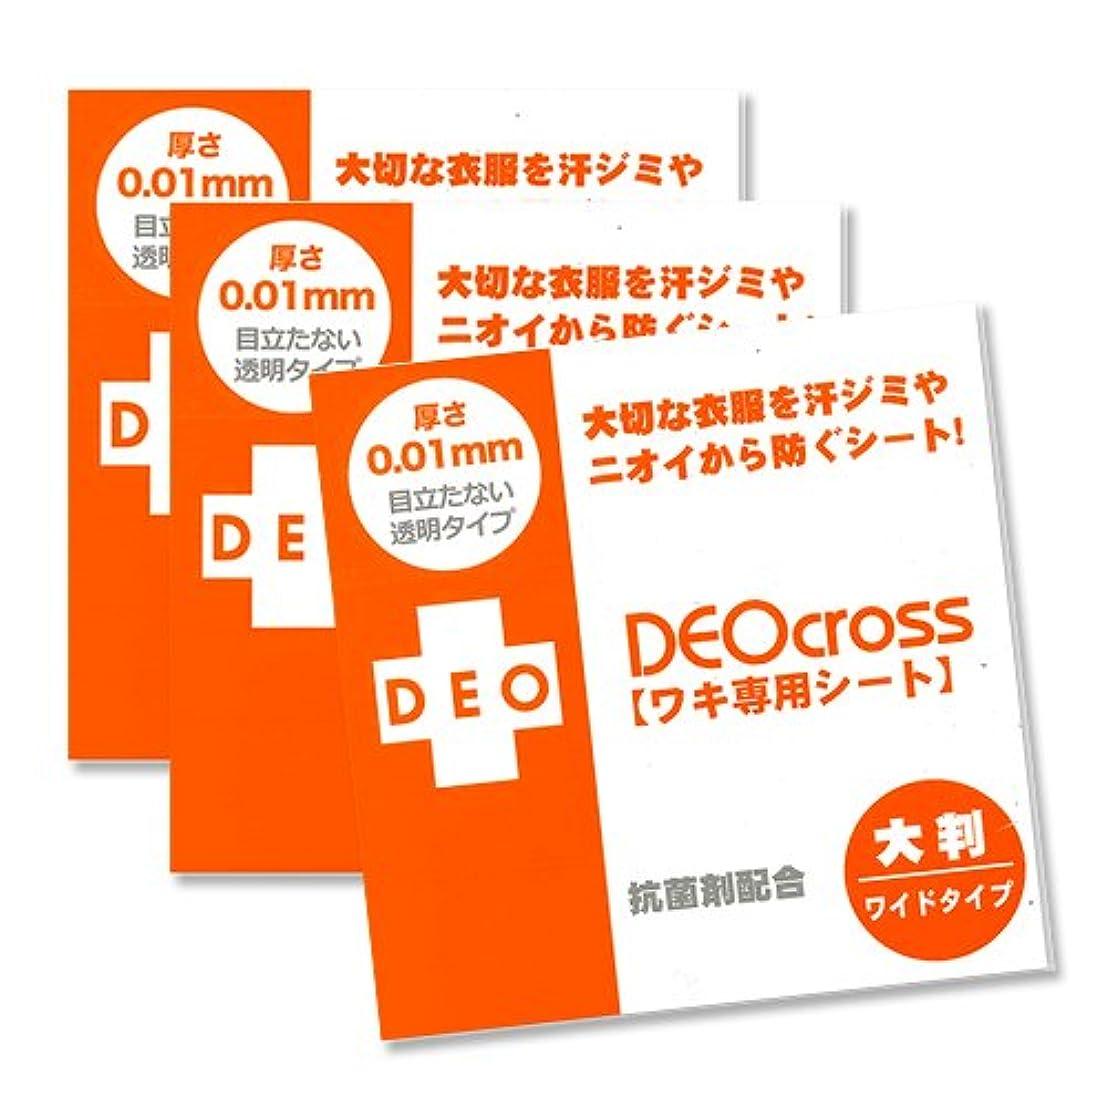 放射する導体チキン【ワキ専用シート】 デオクロス Deo Cross ワイドタイプ (50枚入りx3個セット)